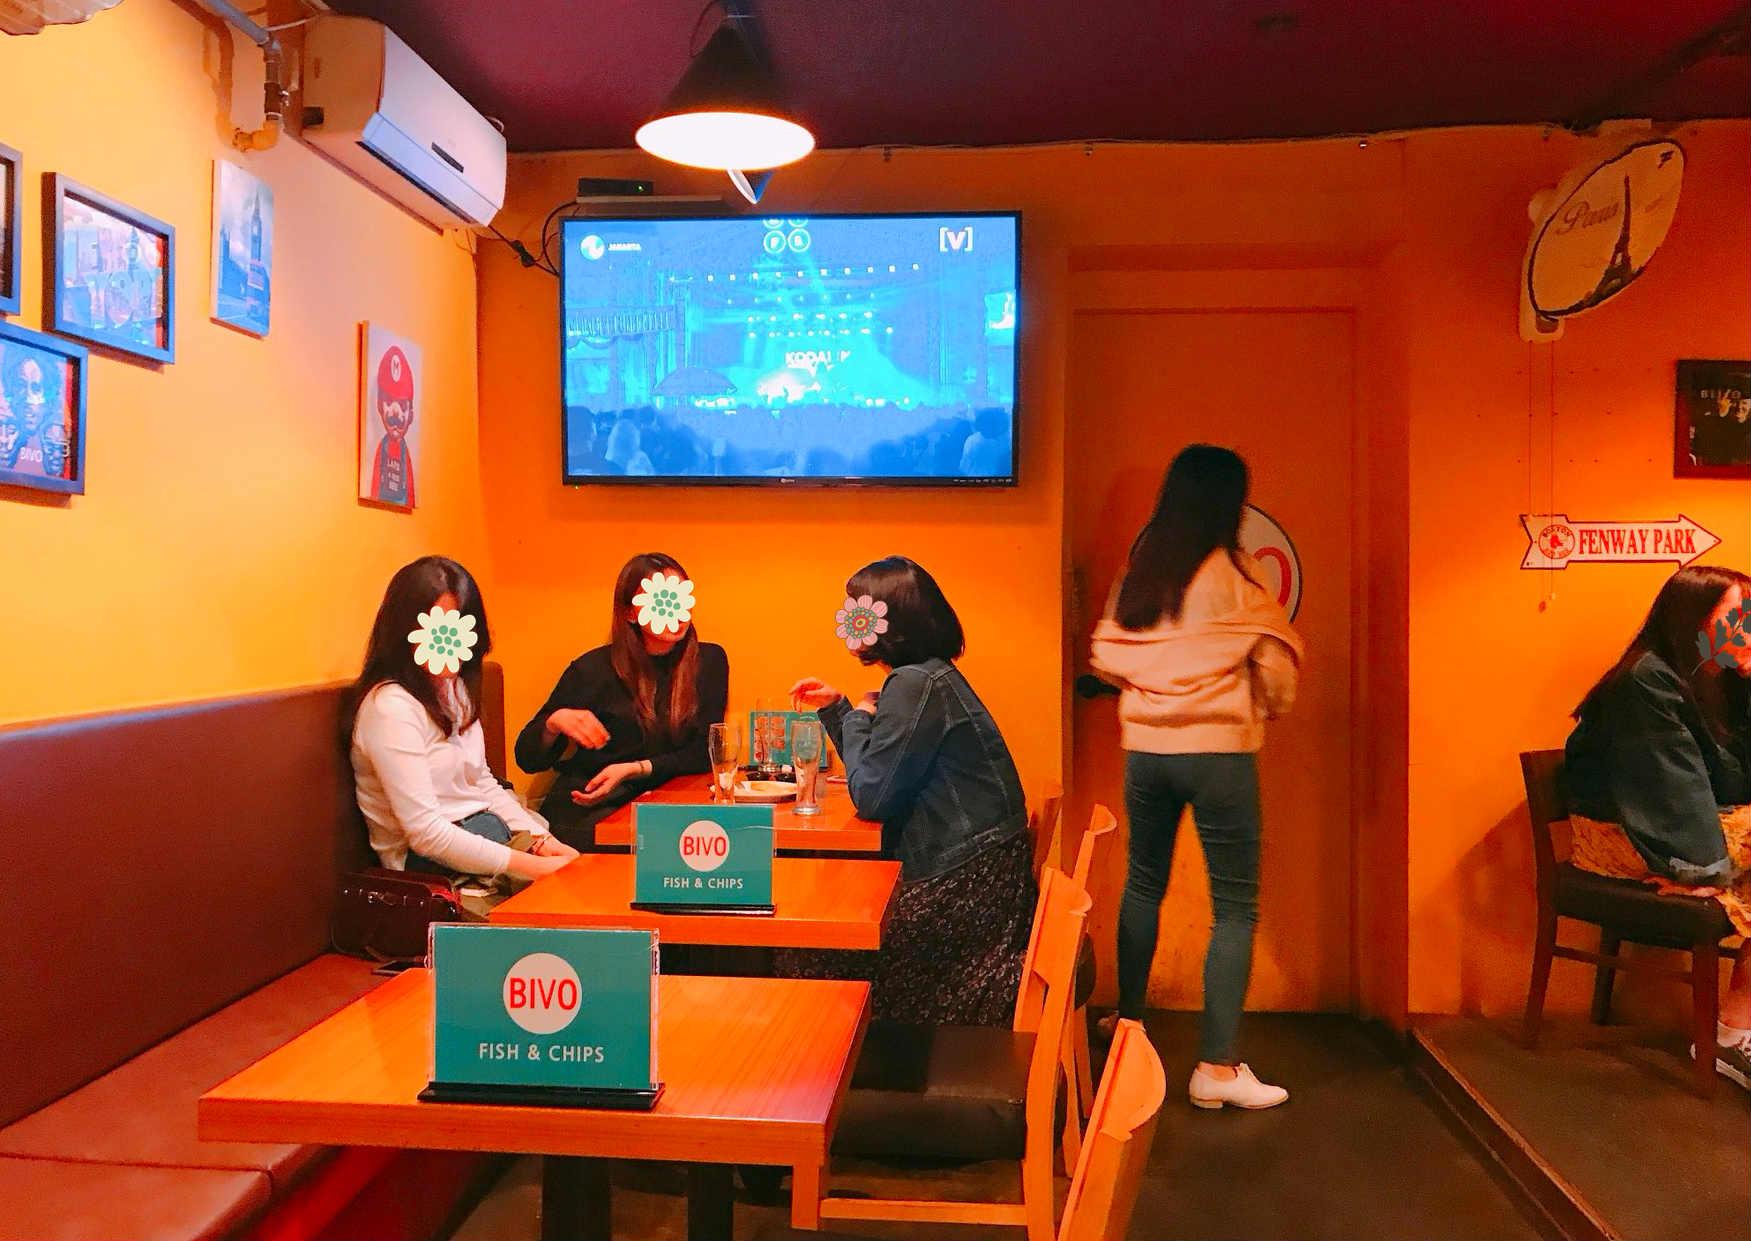 想悠哉地喝一杯酒,卻討厭擠到爆炸的環境,不妨來看看「BIVO」吧! 店名:BIVO (Fish & Chips) 地址:首爾特別市麻浦區和諧廣場路 136-13